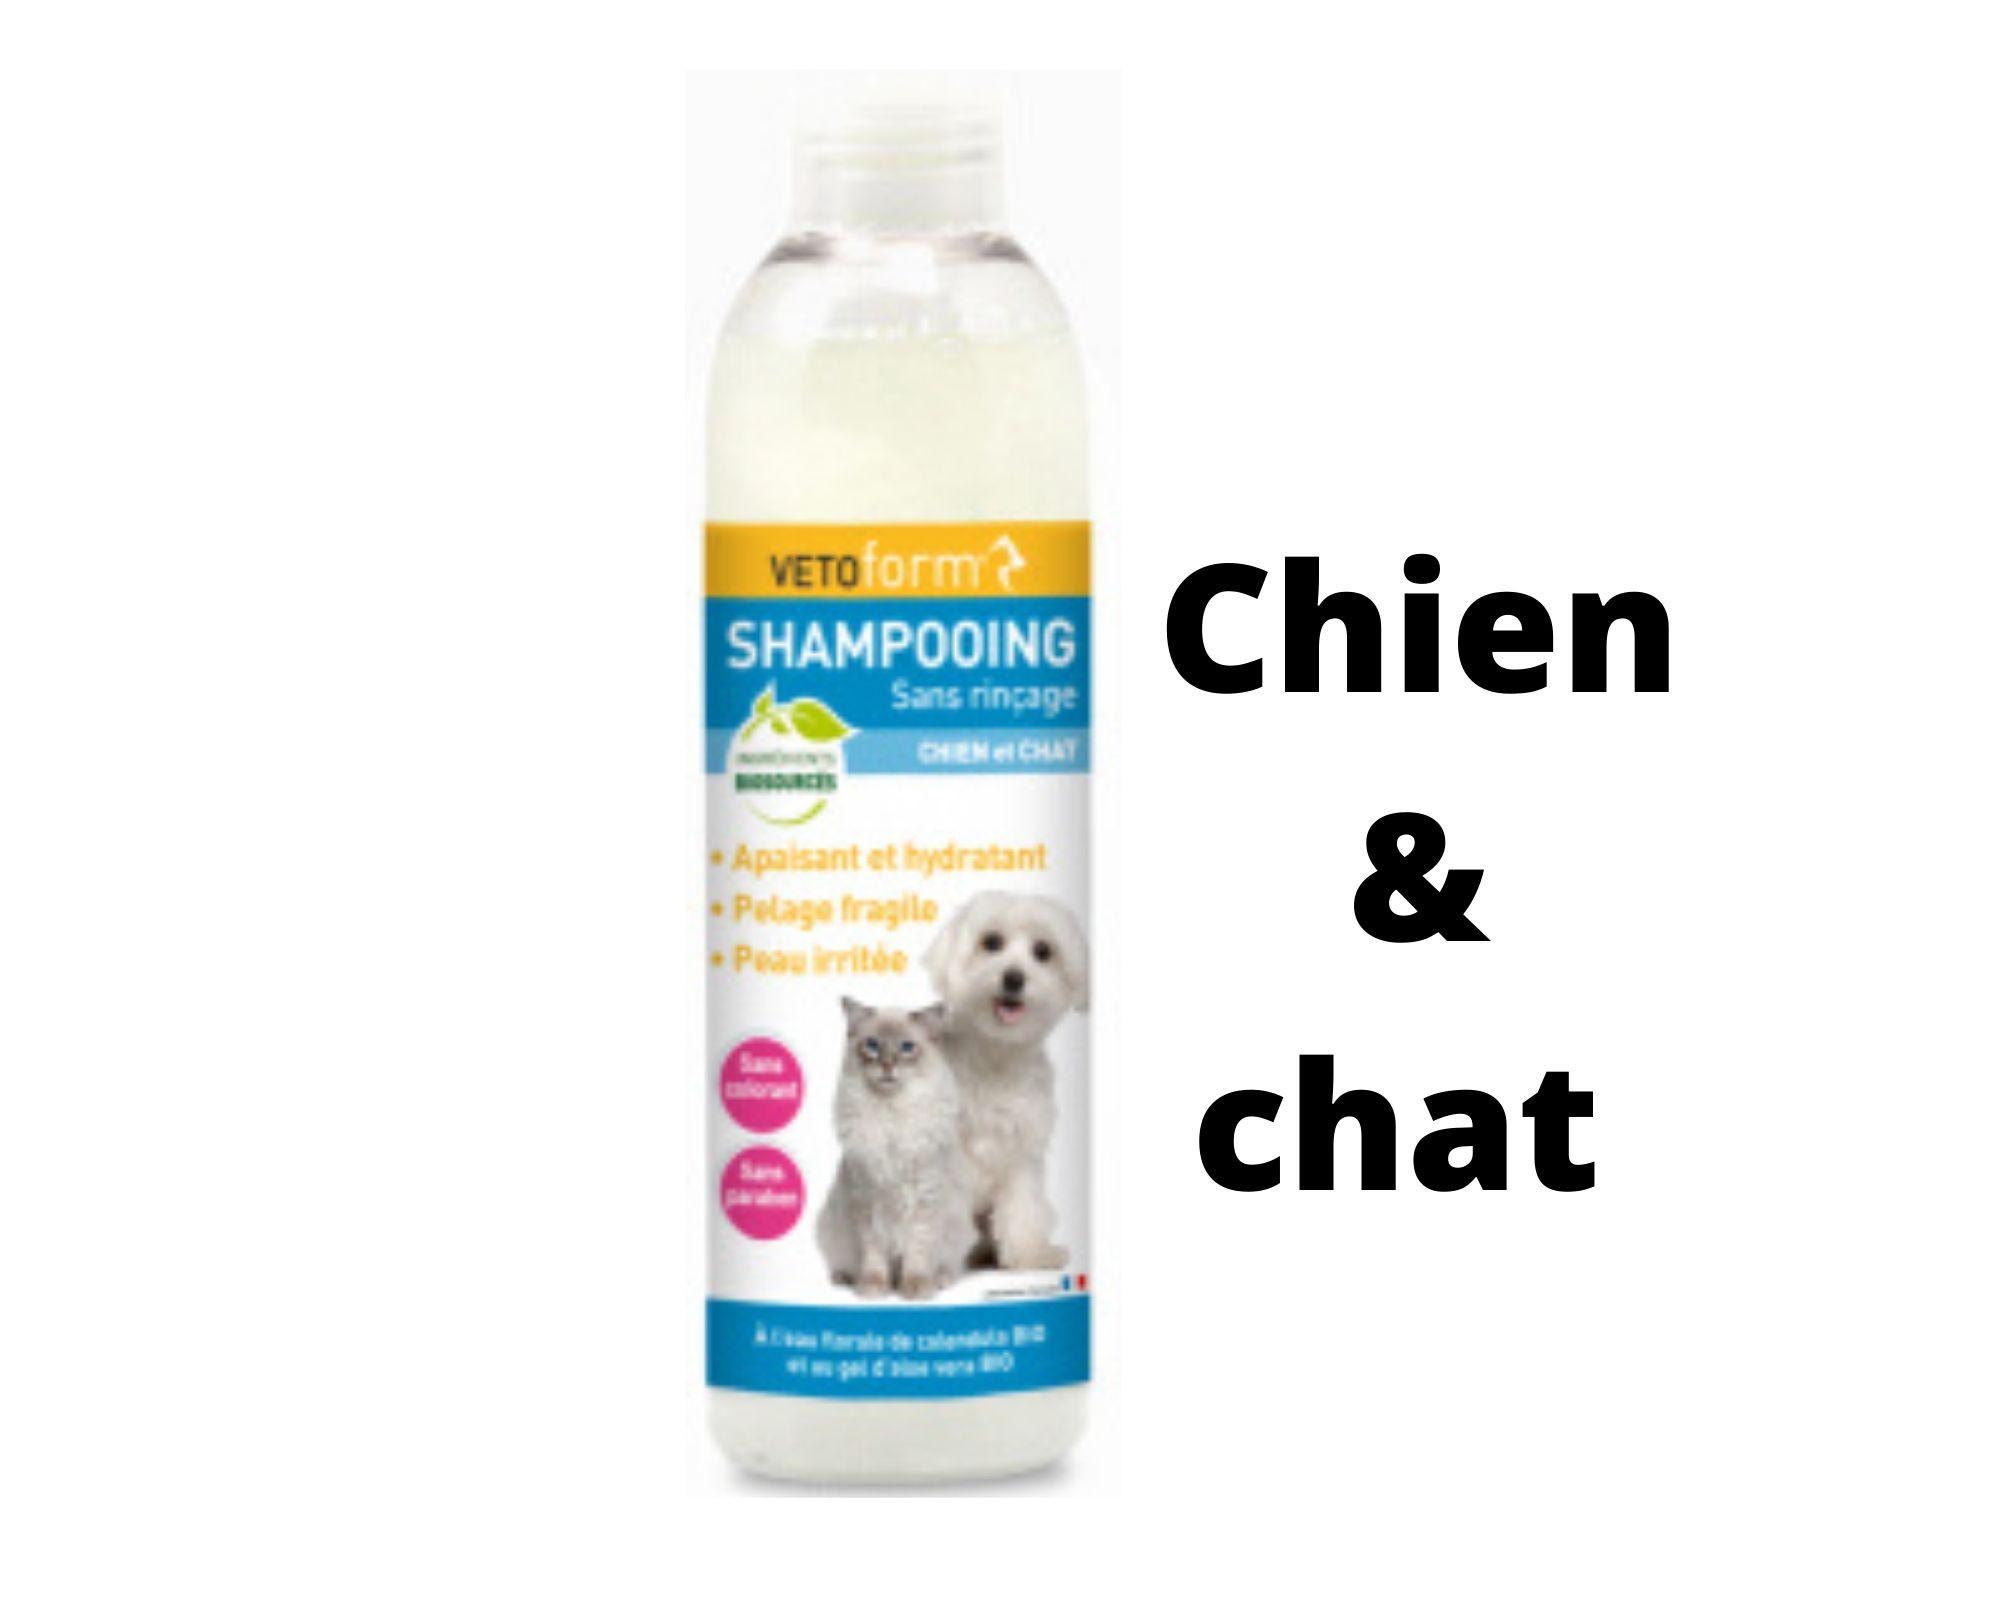 VETOform shampooing sans rinçage chien et chat